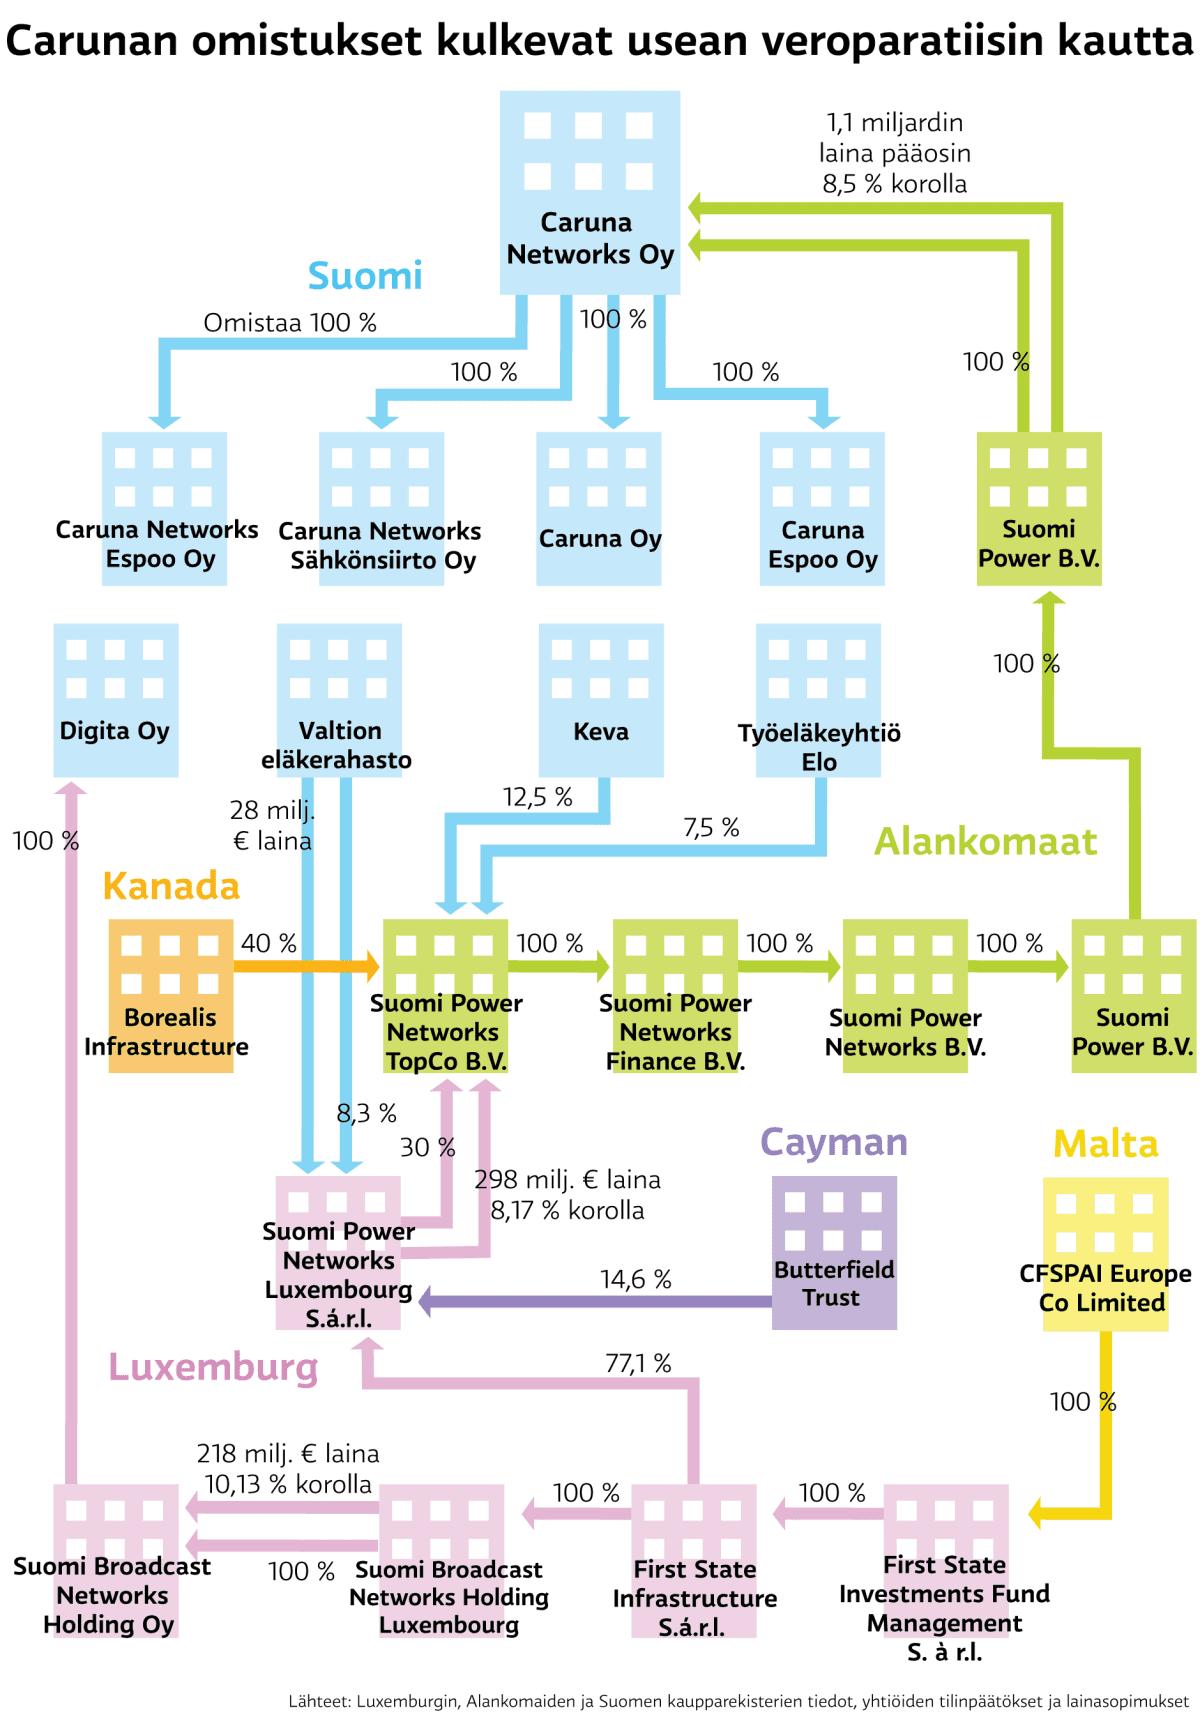 Carunan omistukset kulkevat usean veroparatiisin kautta -grafiikka